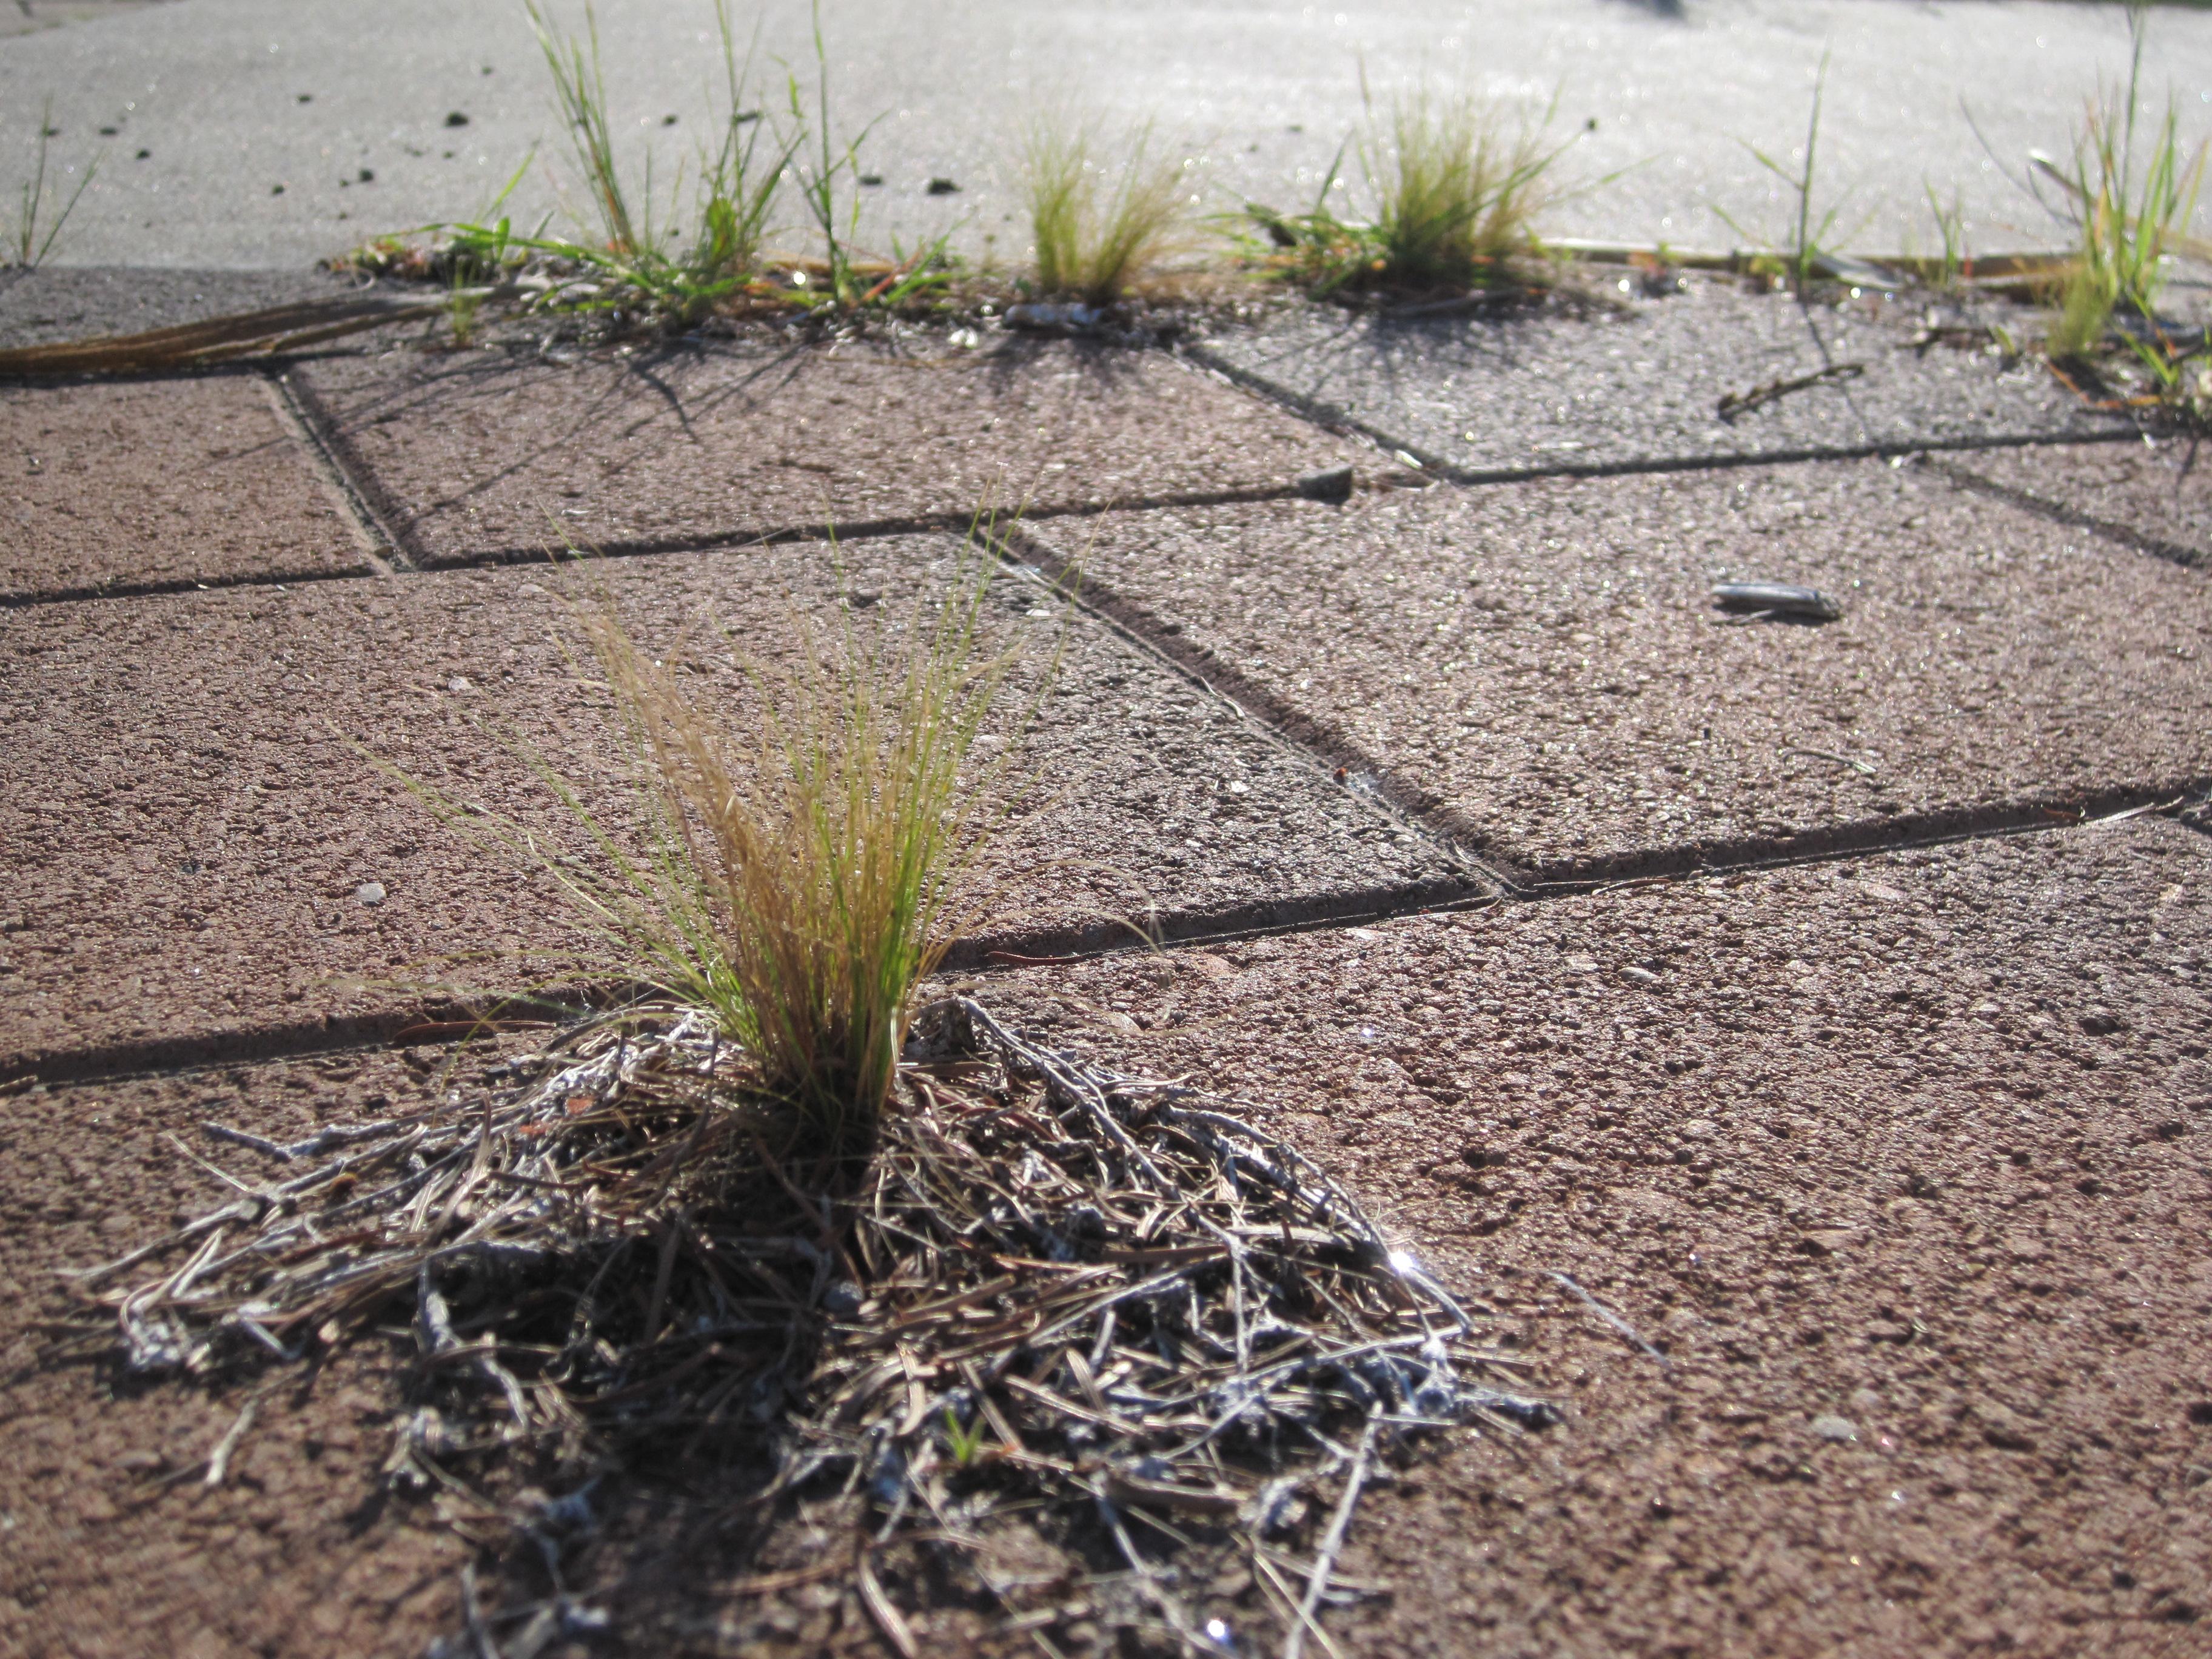 Mexican feathergrass (Stipa/Nassella tenuissima)